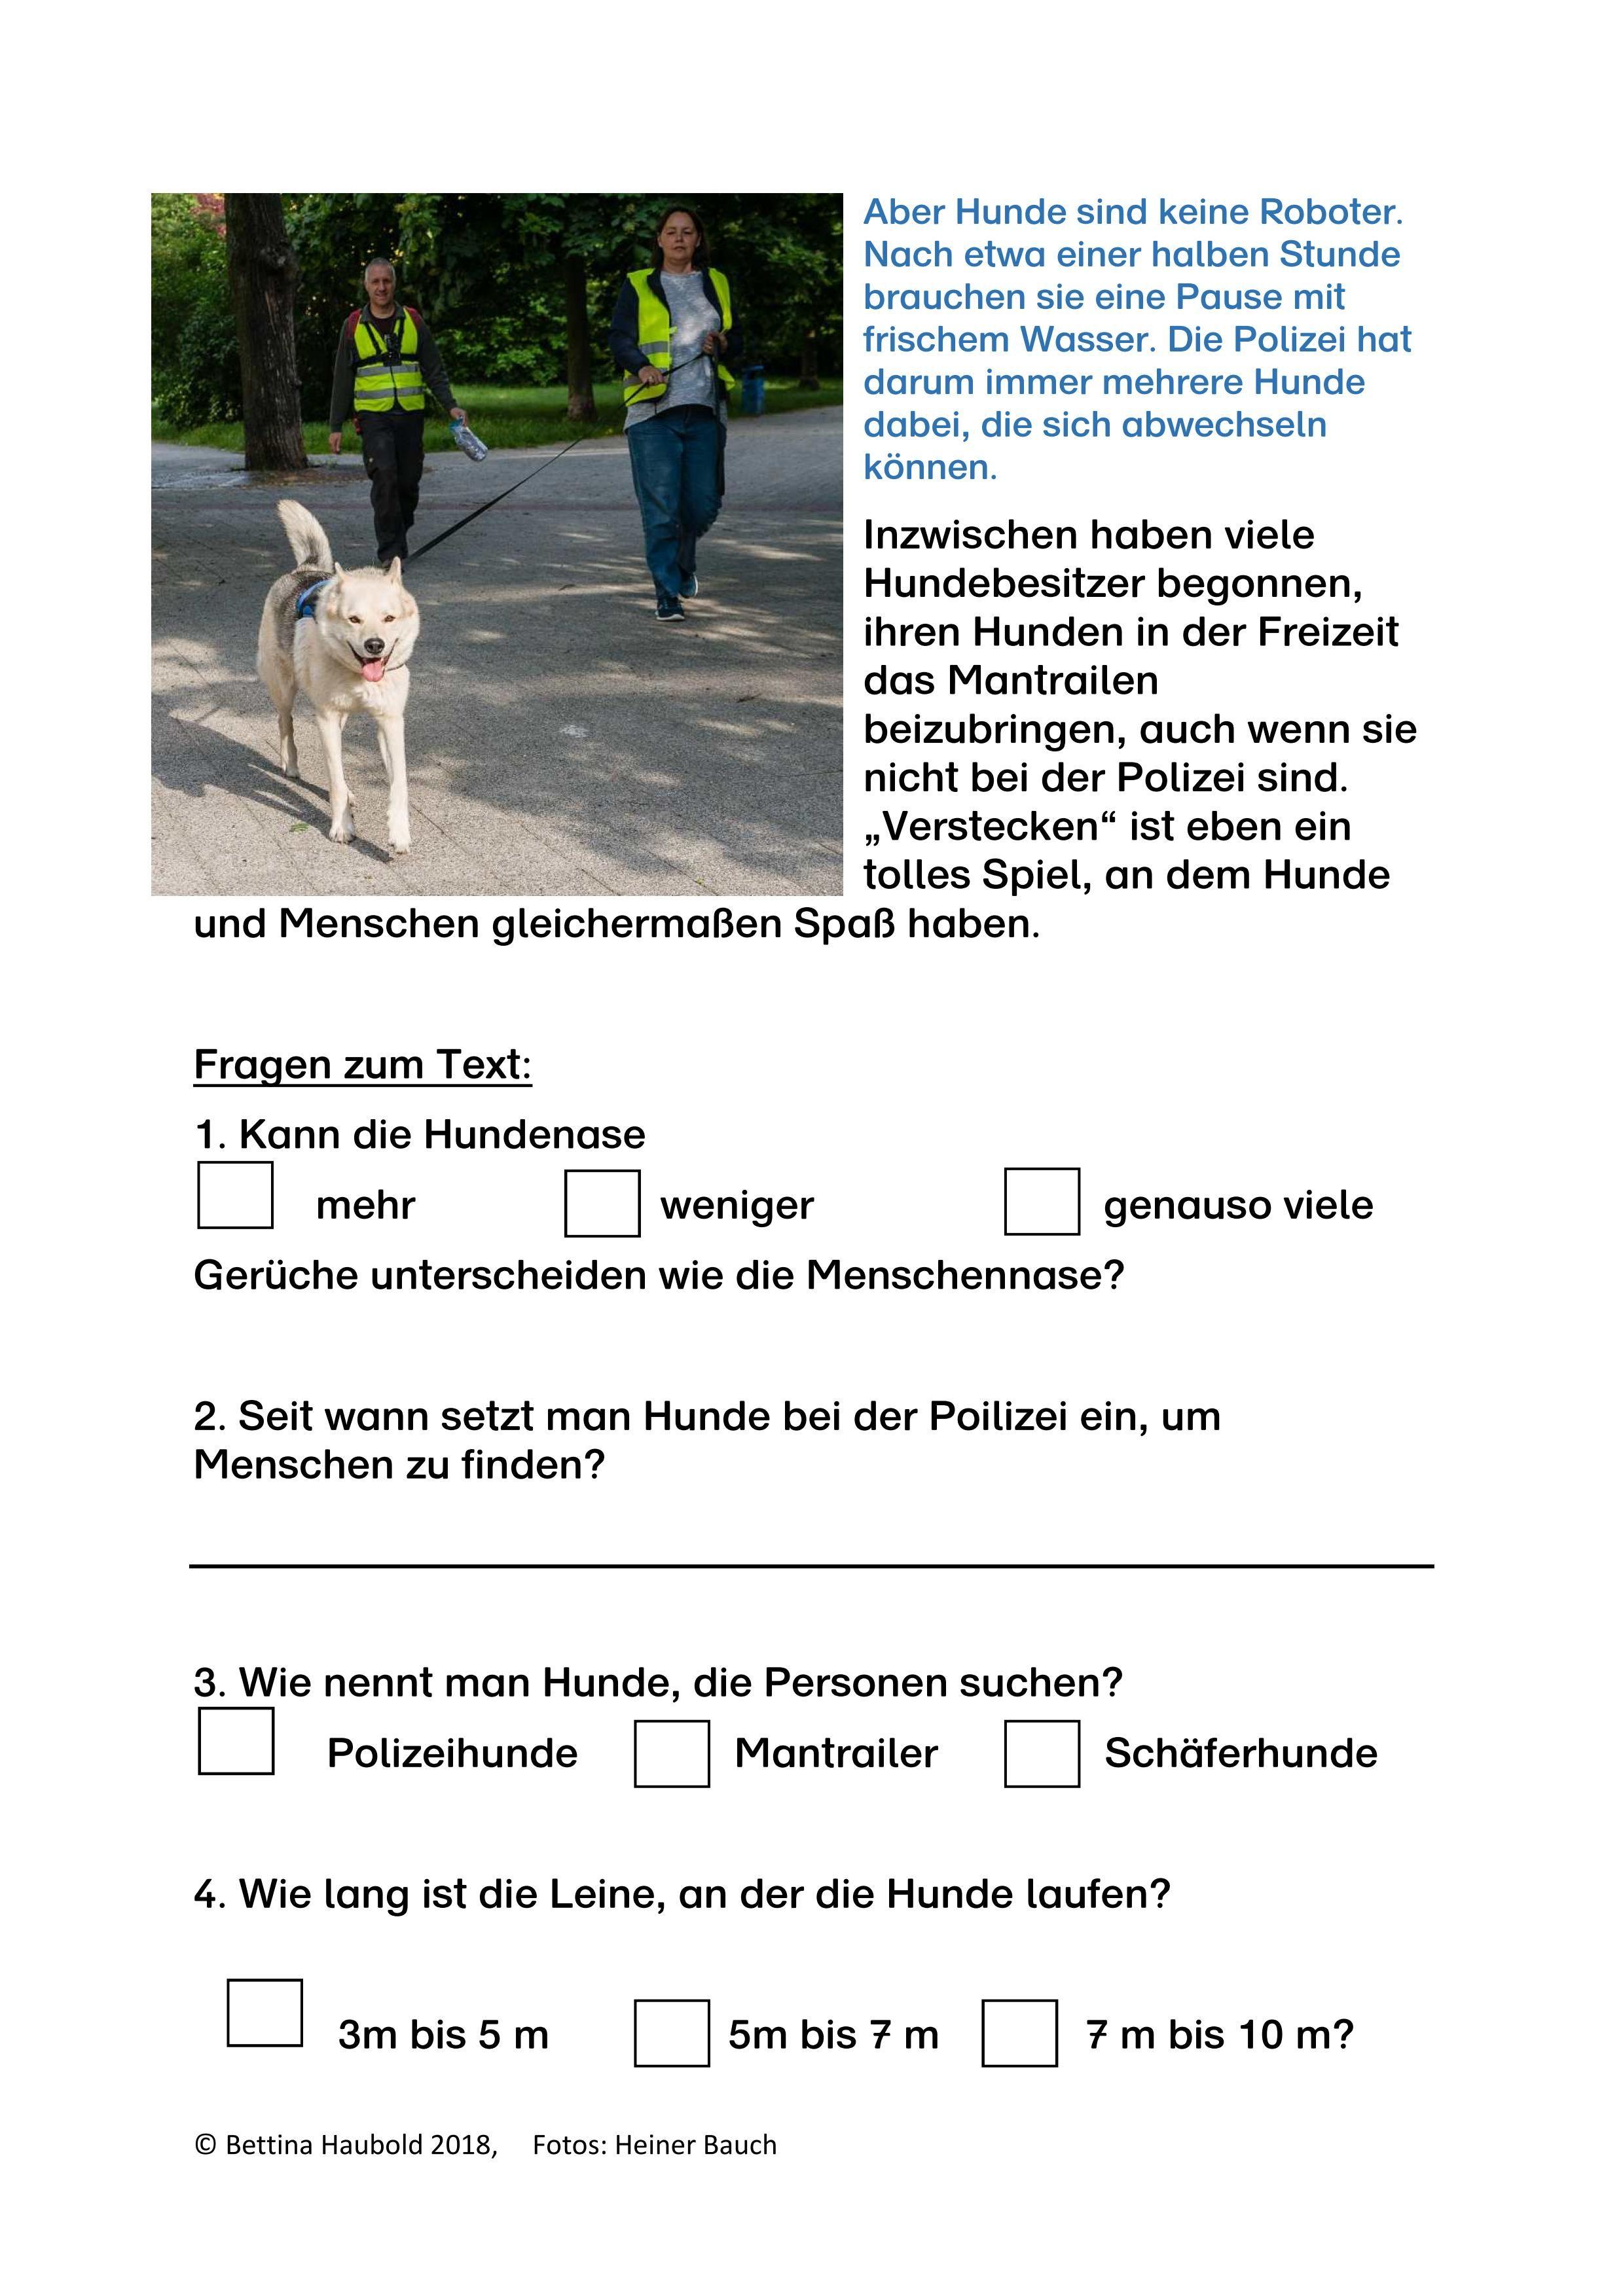 leistungsdifferenzierter Sachtext für Kinder Thema Hunde Mantrailer ...